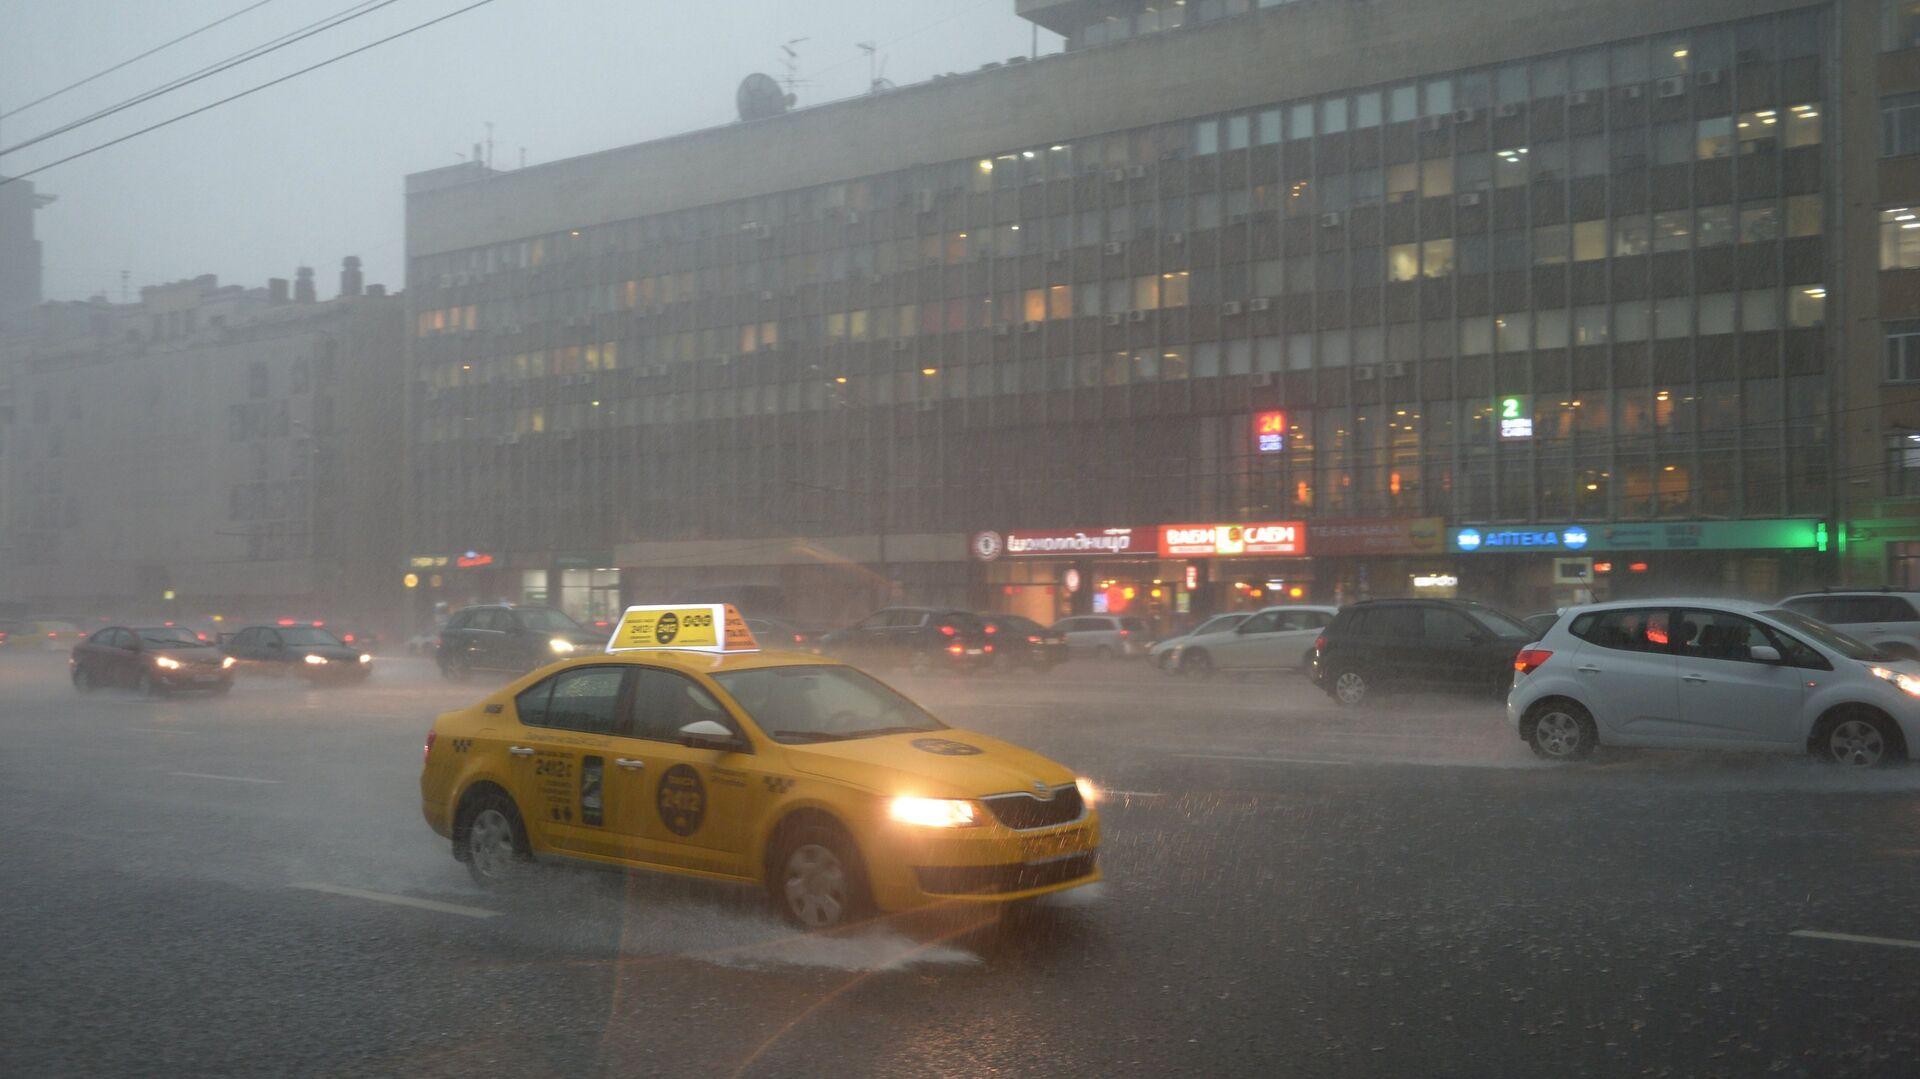 Сильный дождь в Москве - РИА Новости, 1920, 28.06.2021